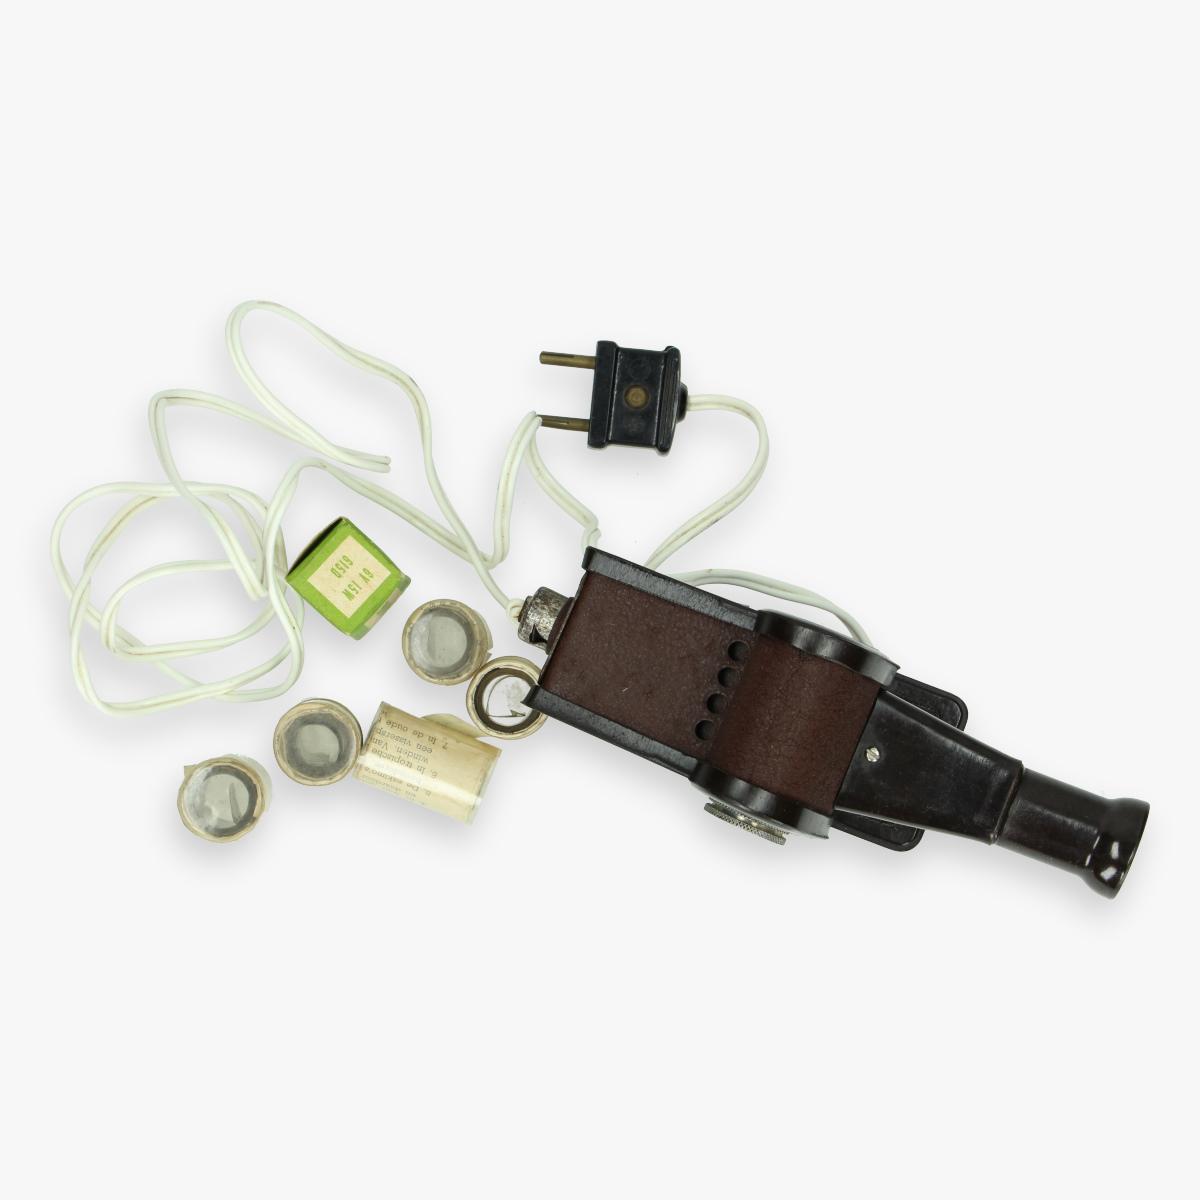 Afbeeldingen van 8mm portable projector - rare - made in japan - motor drivve 90107 zeer zeldzaam zeer goede staat